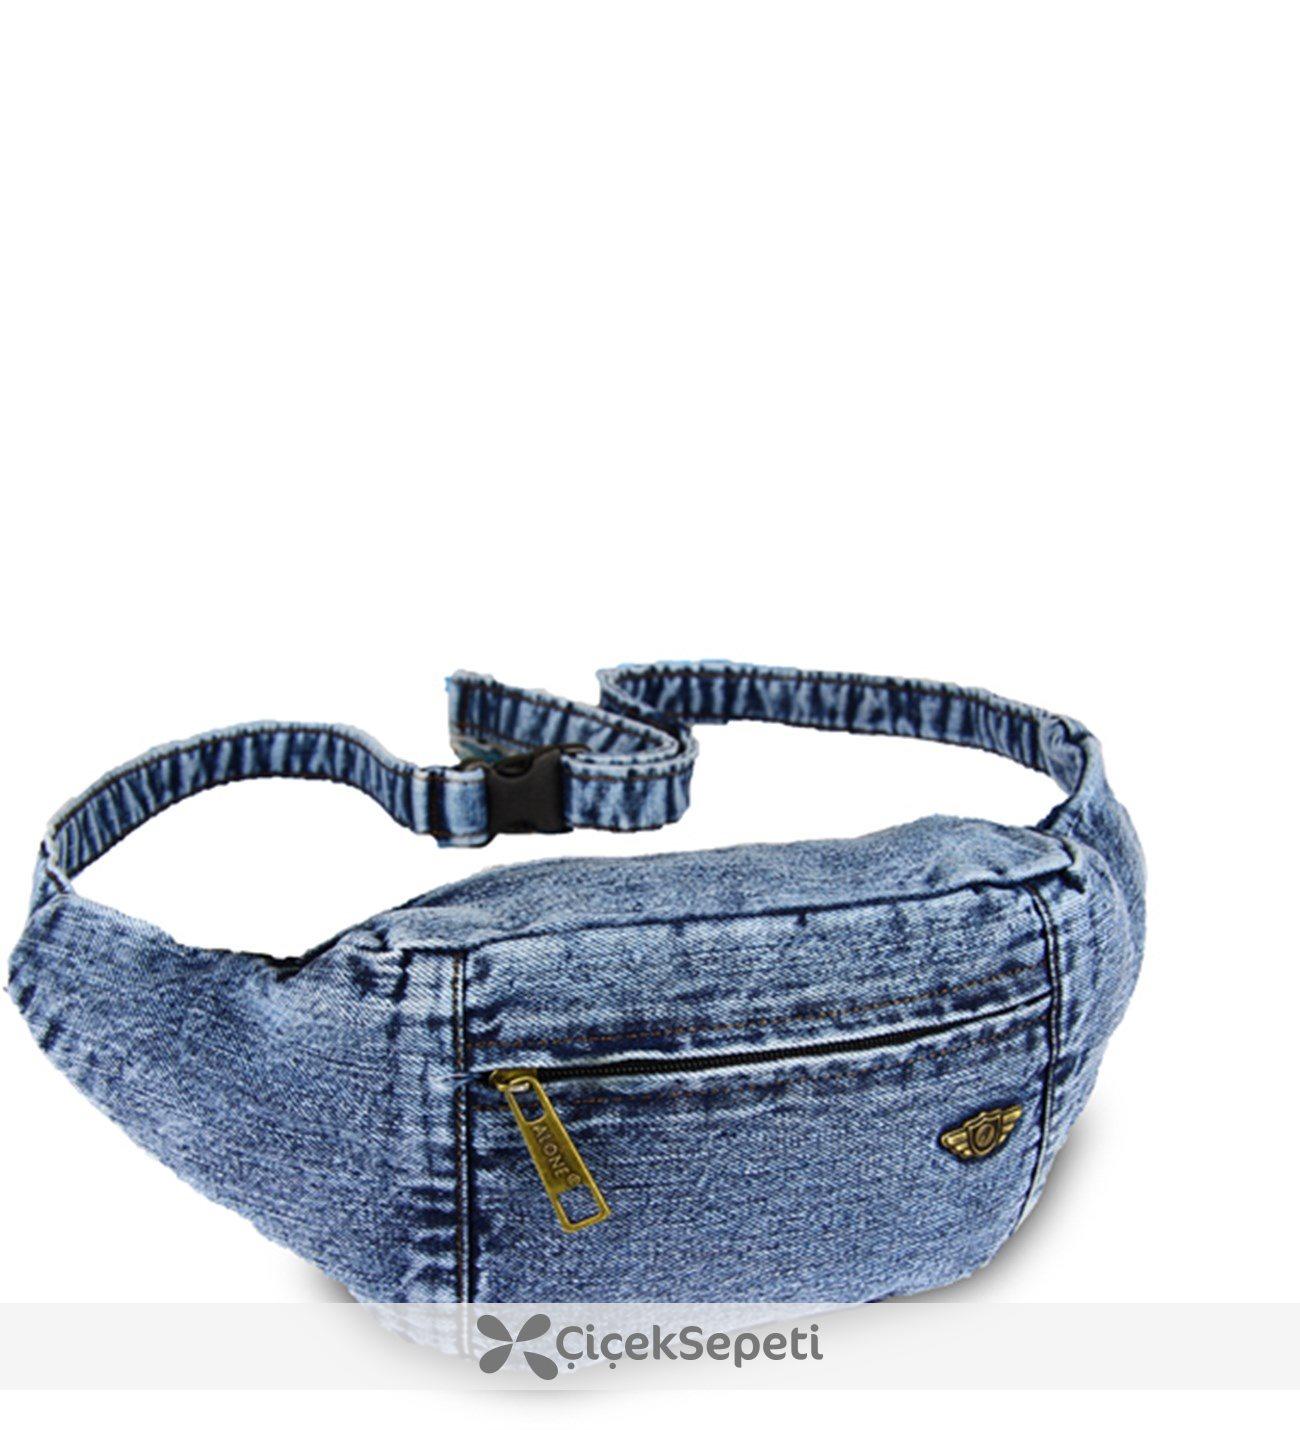 Şık detay - bel çantası